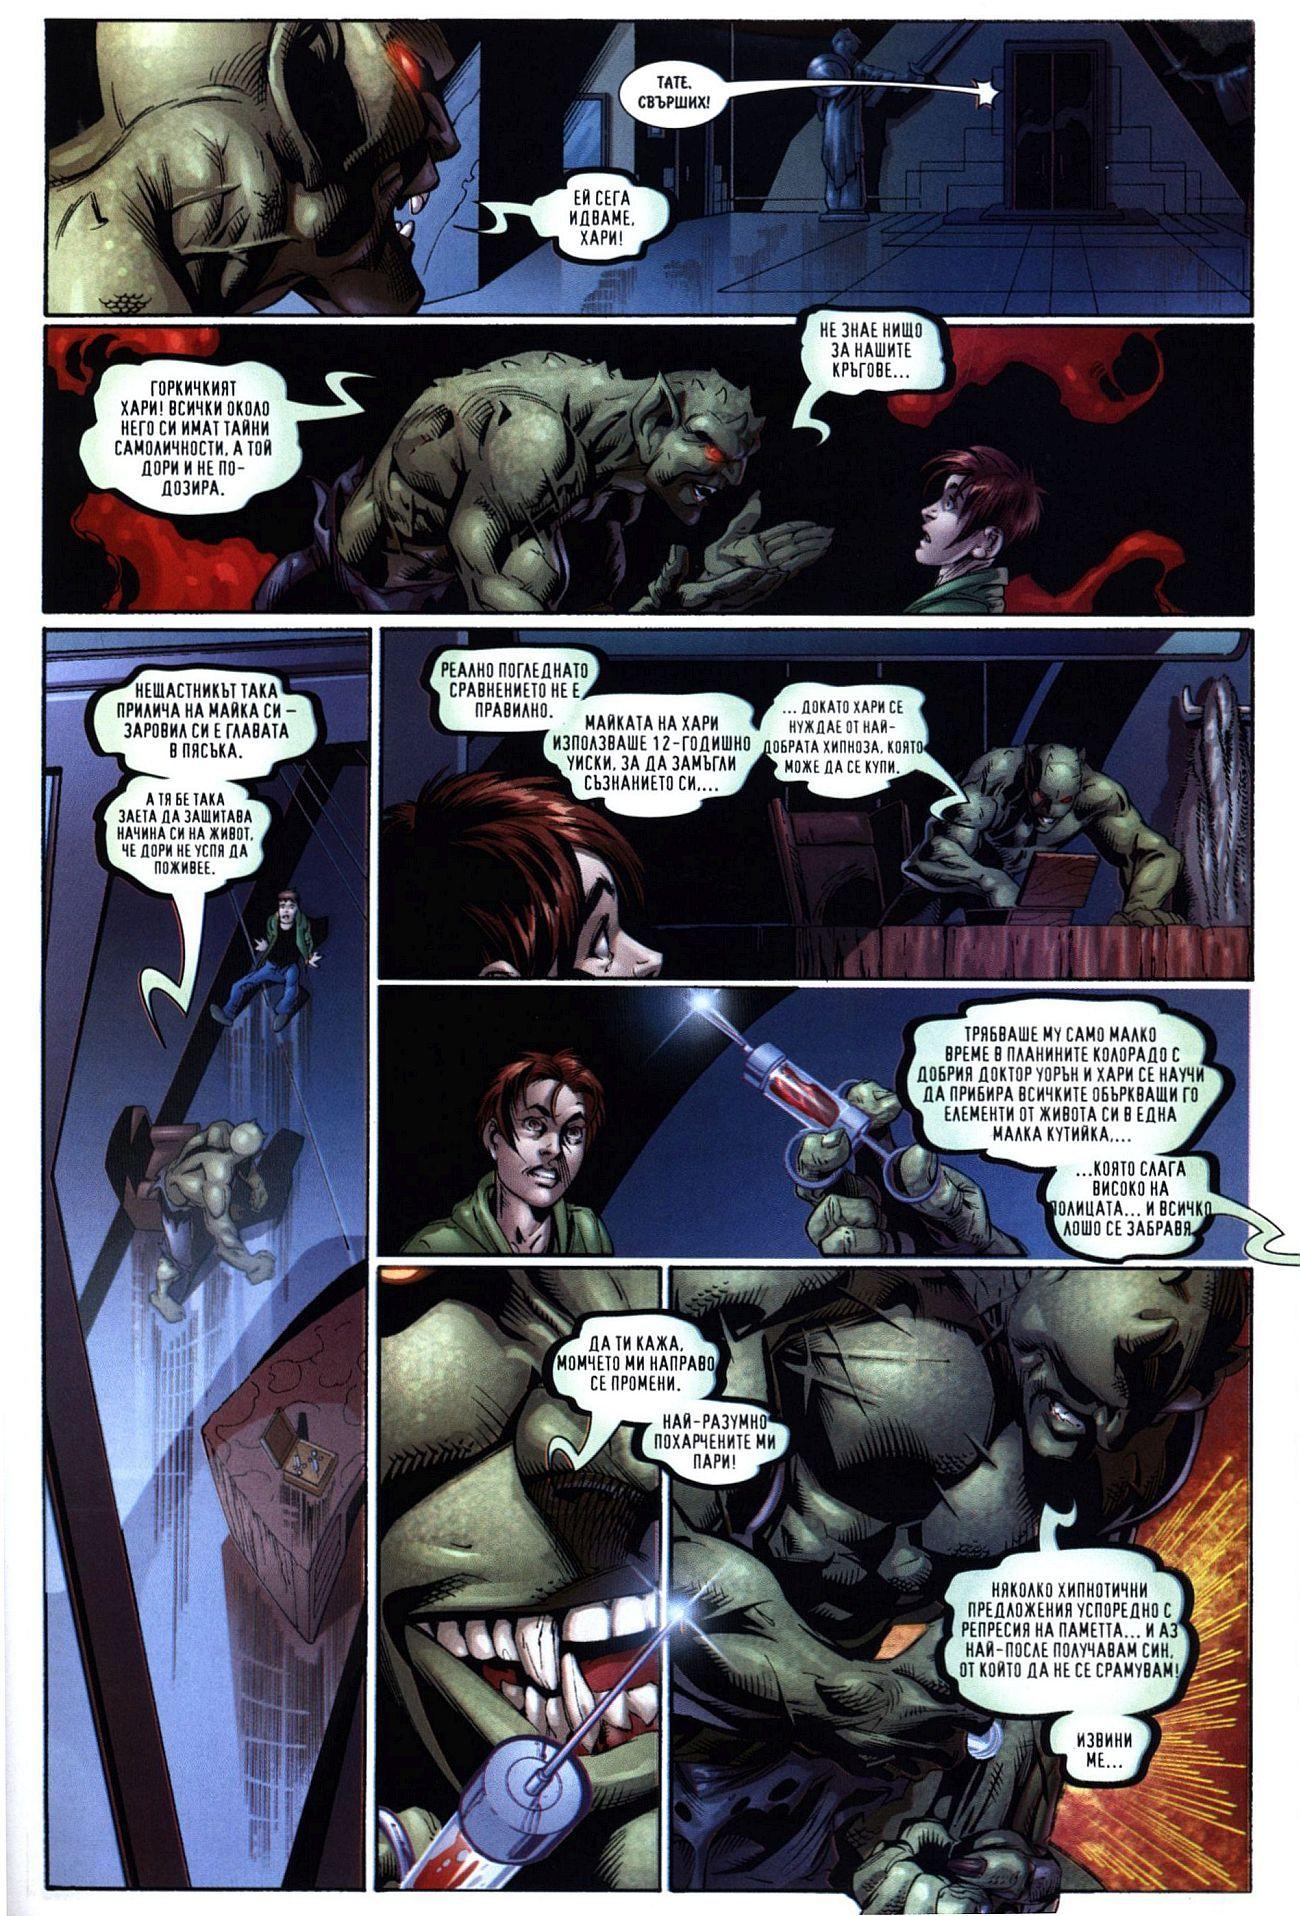 Най-новото от Спайдърмен (Брой 25 / Юли 2008):  Отговорност... - 6